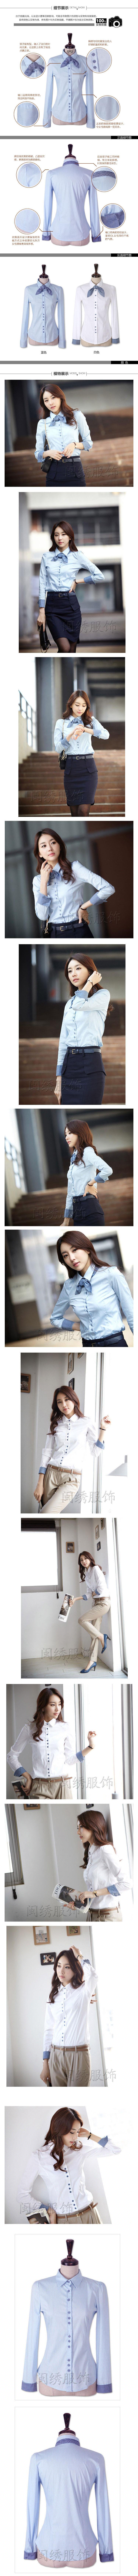 เสื้อเชิ้ต ทำงาน แฟชั่นเกาหลี ใหม่สวย อินเทรนด์ นำเข้า ไซส์S/M/L/XL/XXL - พรีออเดอร์MI502